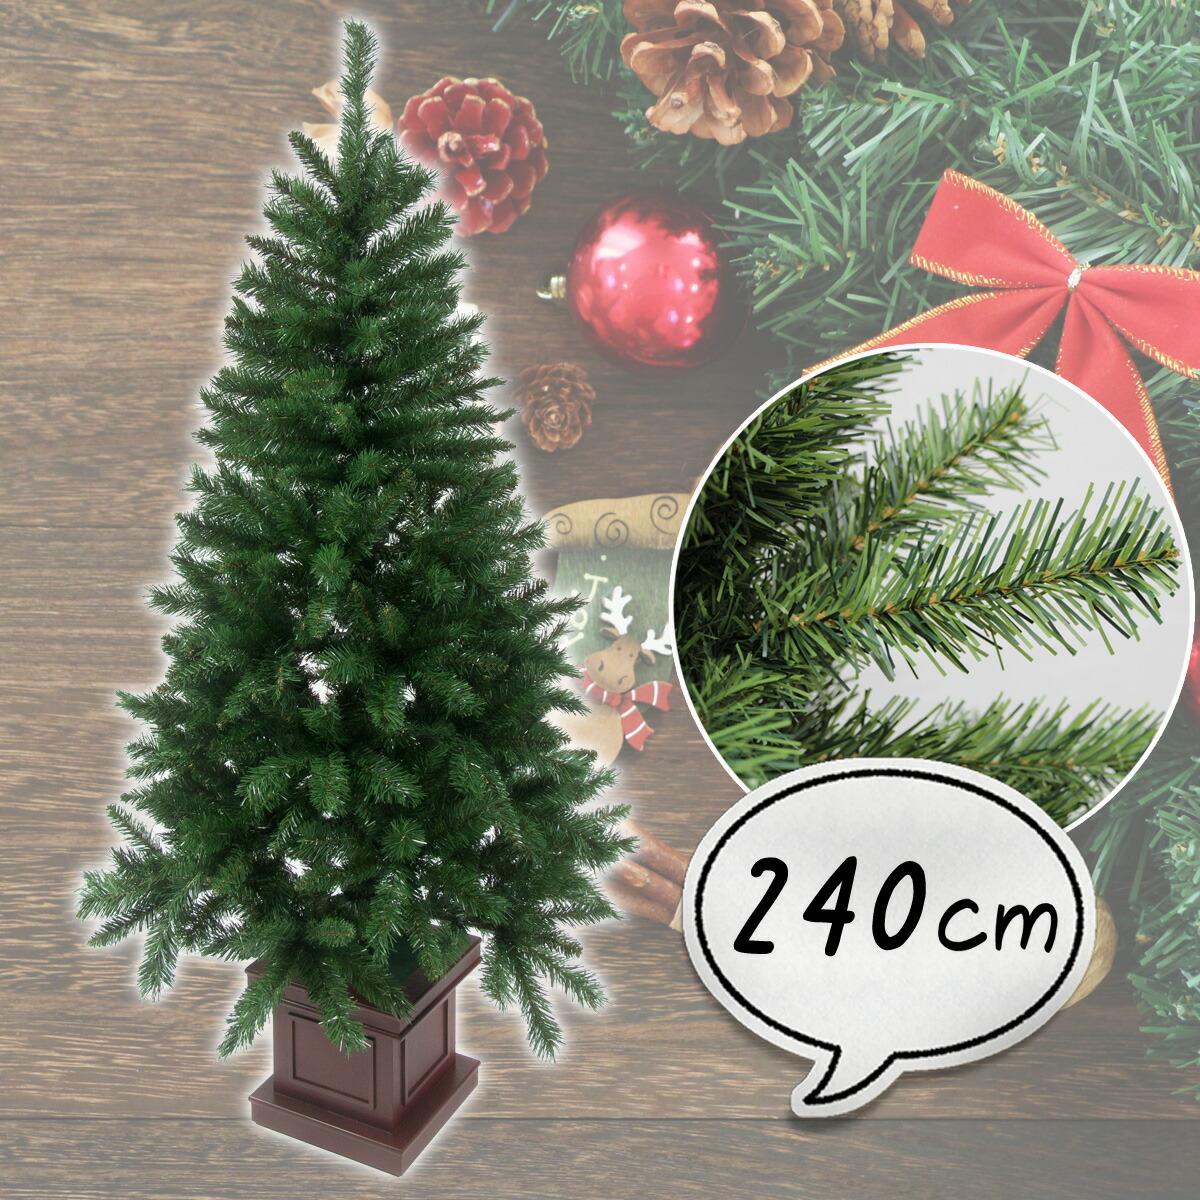 クリスマスツリー 240cm 木製ポットツリー グリーン ツリーの木 木製 ポット 北欧 おしゃれ ウッドベース 【10月中旬入荷予定】